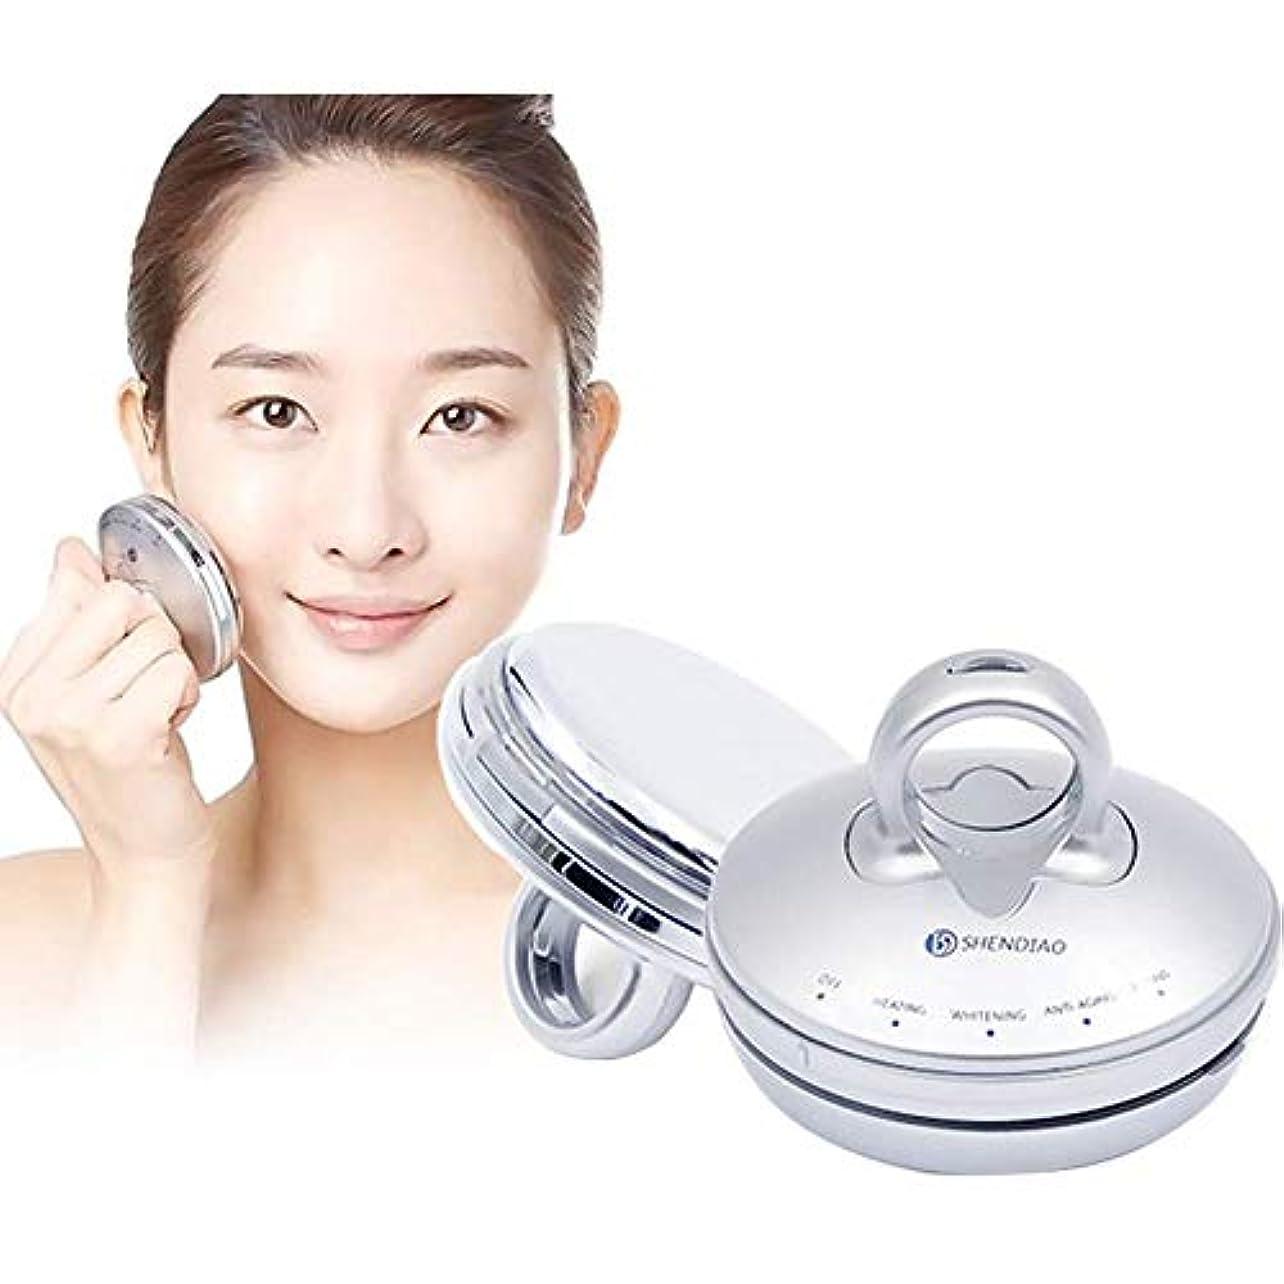 高度後退するコミュニケーション美のマッサージャー、顔のマッサージャーの振動美装置の顔のしわのスキンケアの上昇の反老化の白くなるマッサージャー